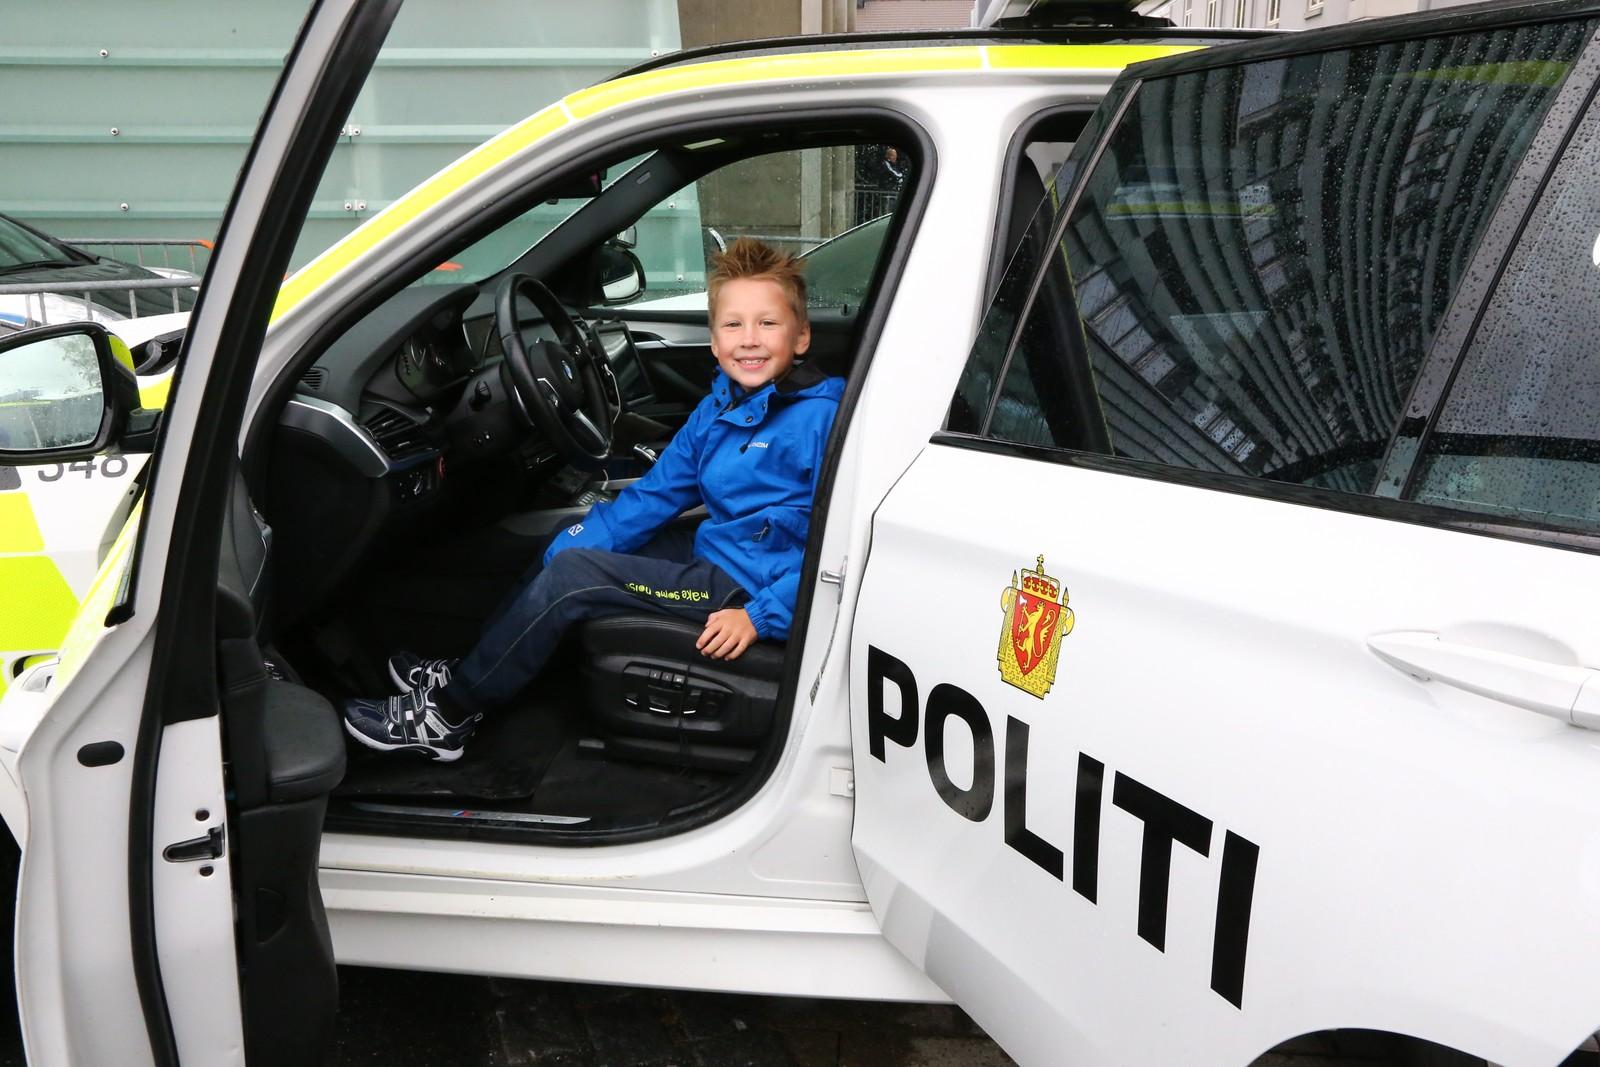 Å få sitte i politibilen var populært blant barna.